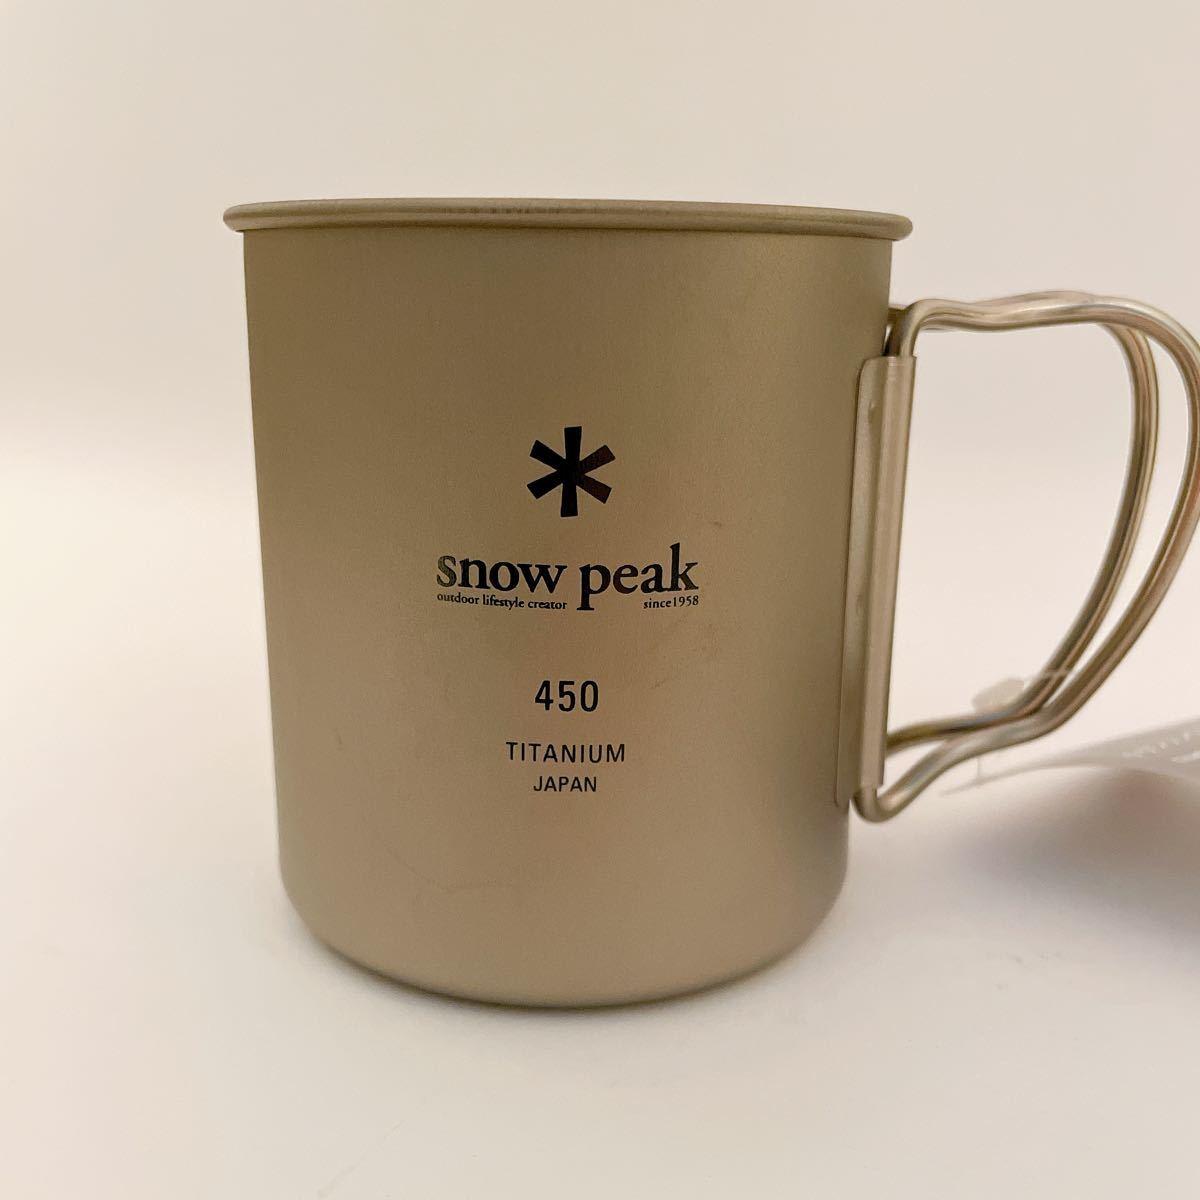 スノーピーク snow peak チタン シングルマグ 450ml MG-143A 2個セット